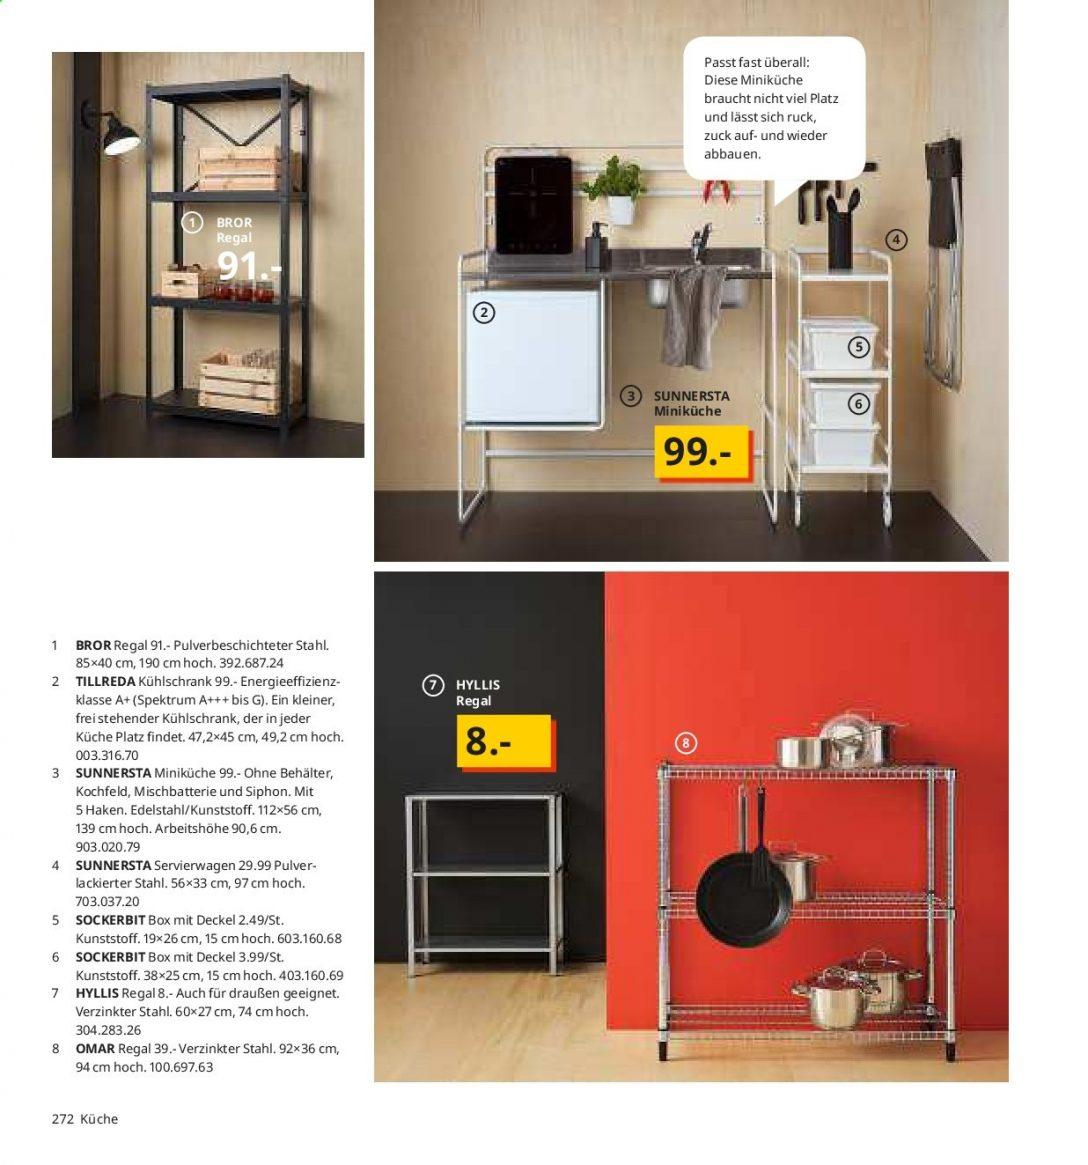 Large Size of Ikea Aktuelles Prospekt 2682019 3172020 Rabatt Kompass Küche Kosten Betten Bei Miniküche Stengel Sofa Mit Schlaffunktion 160x200 Kaufen Kühlschrank Wohnzimmer Miniküche Ikea